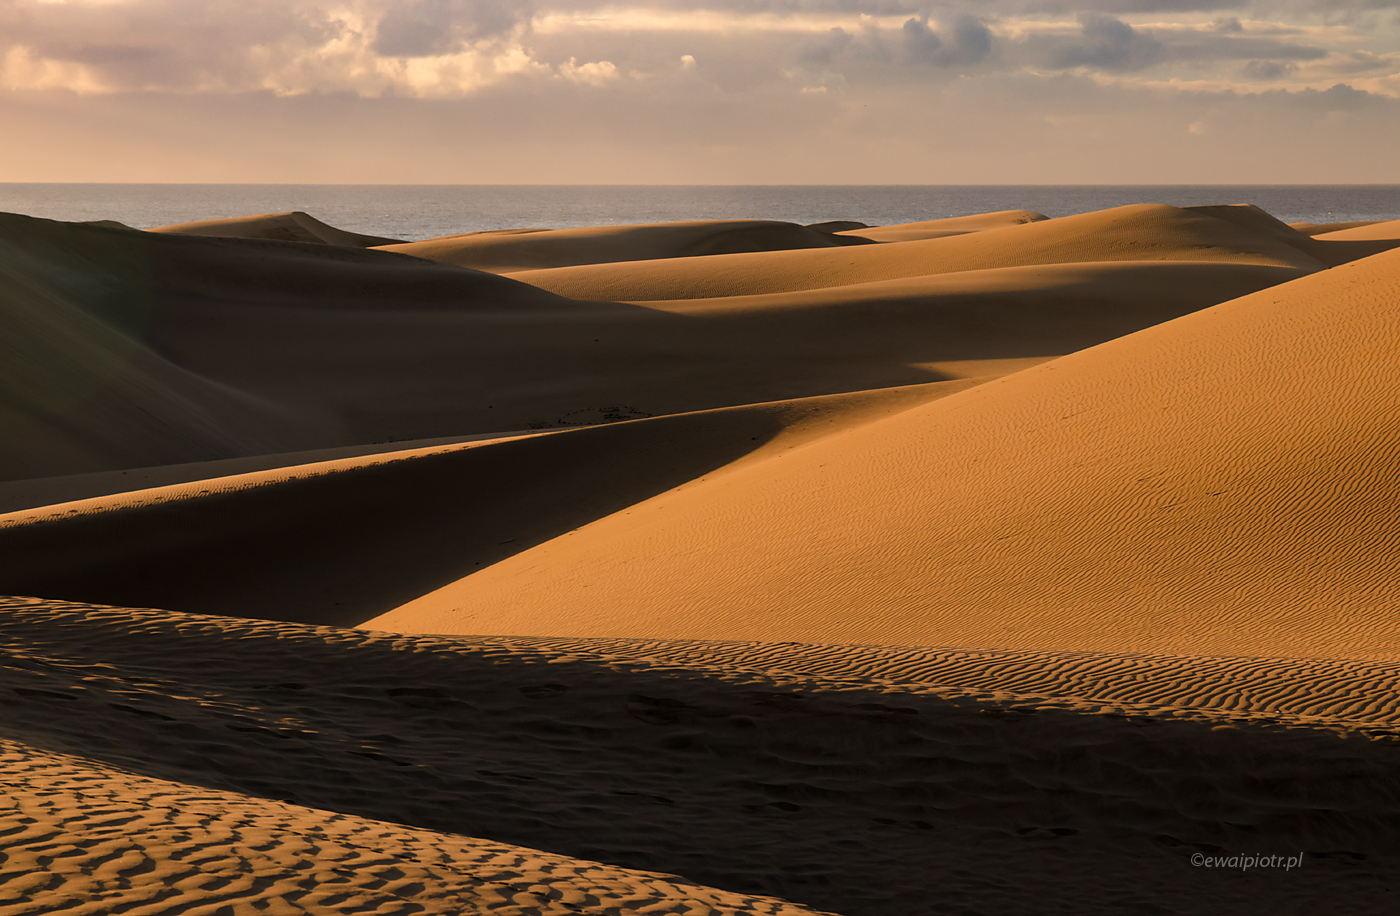 Wielkie wydmy na małej pustyni, Wyspy Kanaryjskie